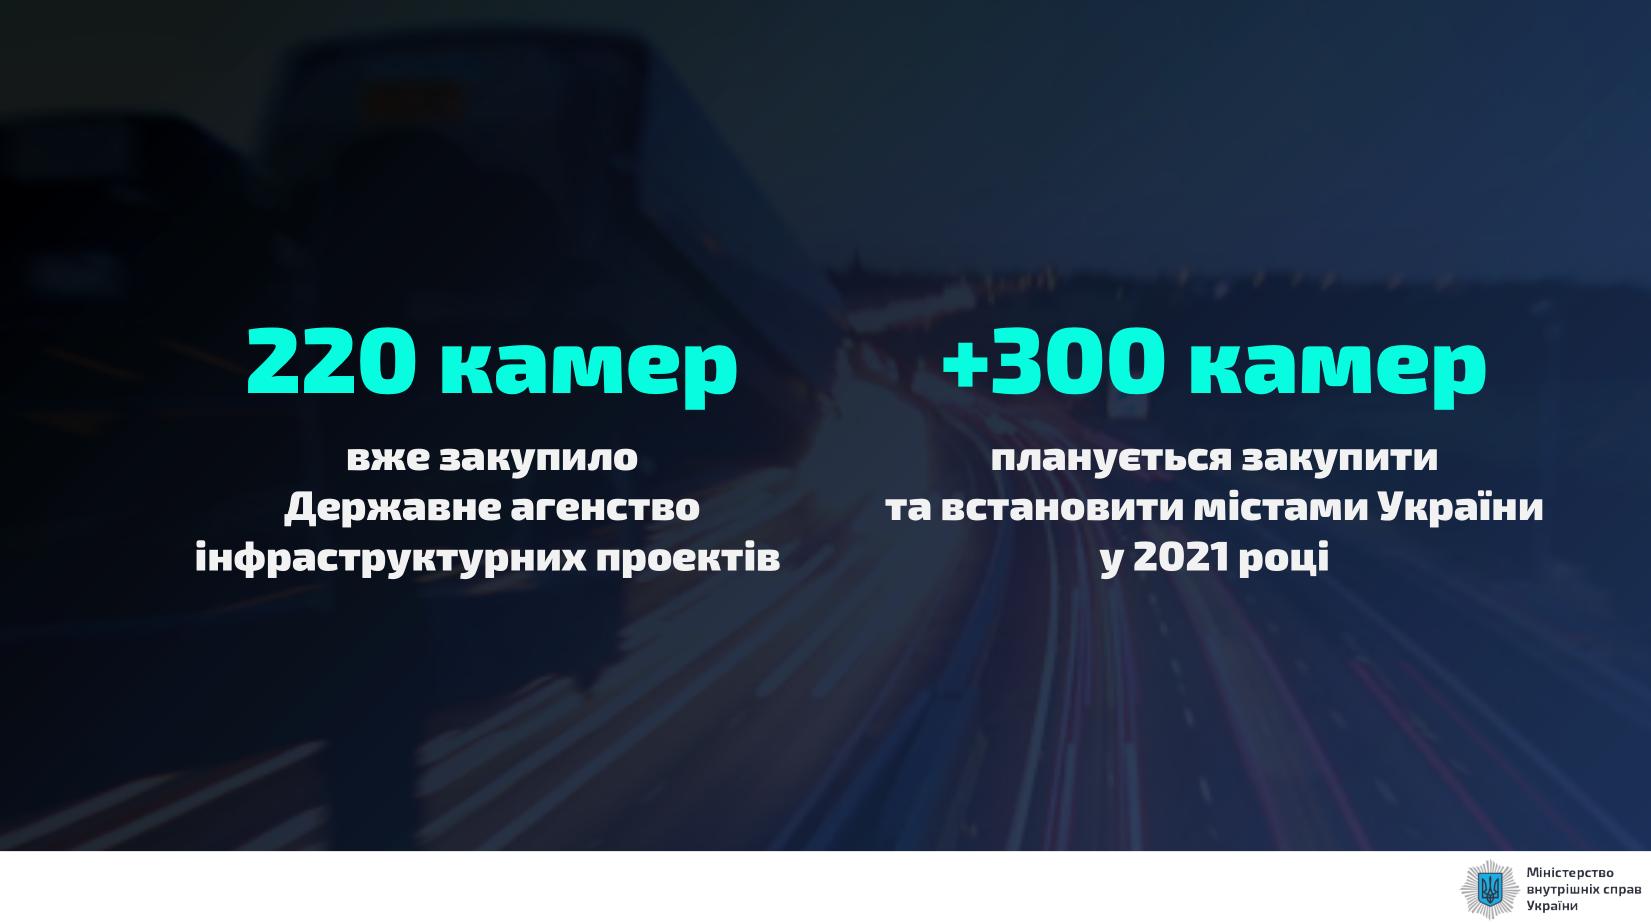 В 2021 году в Украине установят 300 новых камер автофиксации.